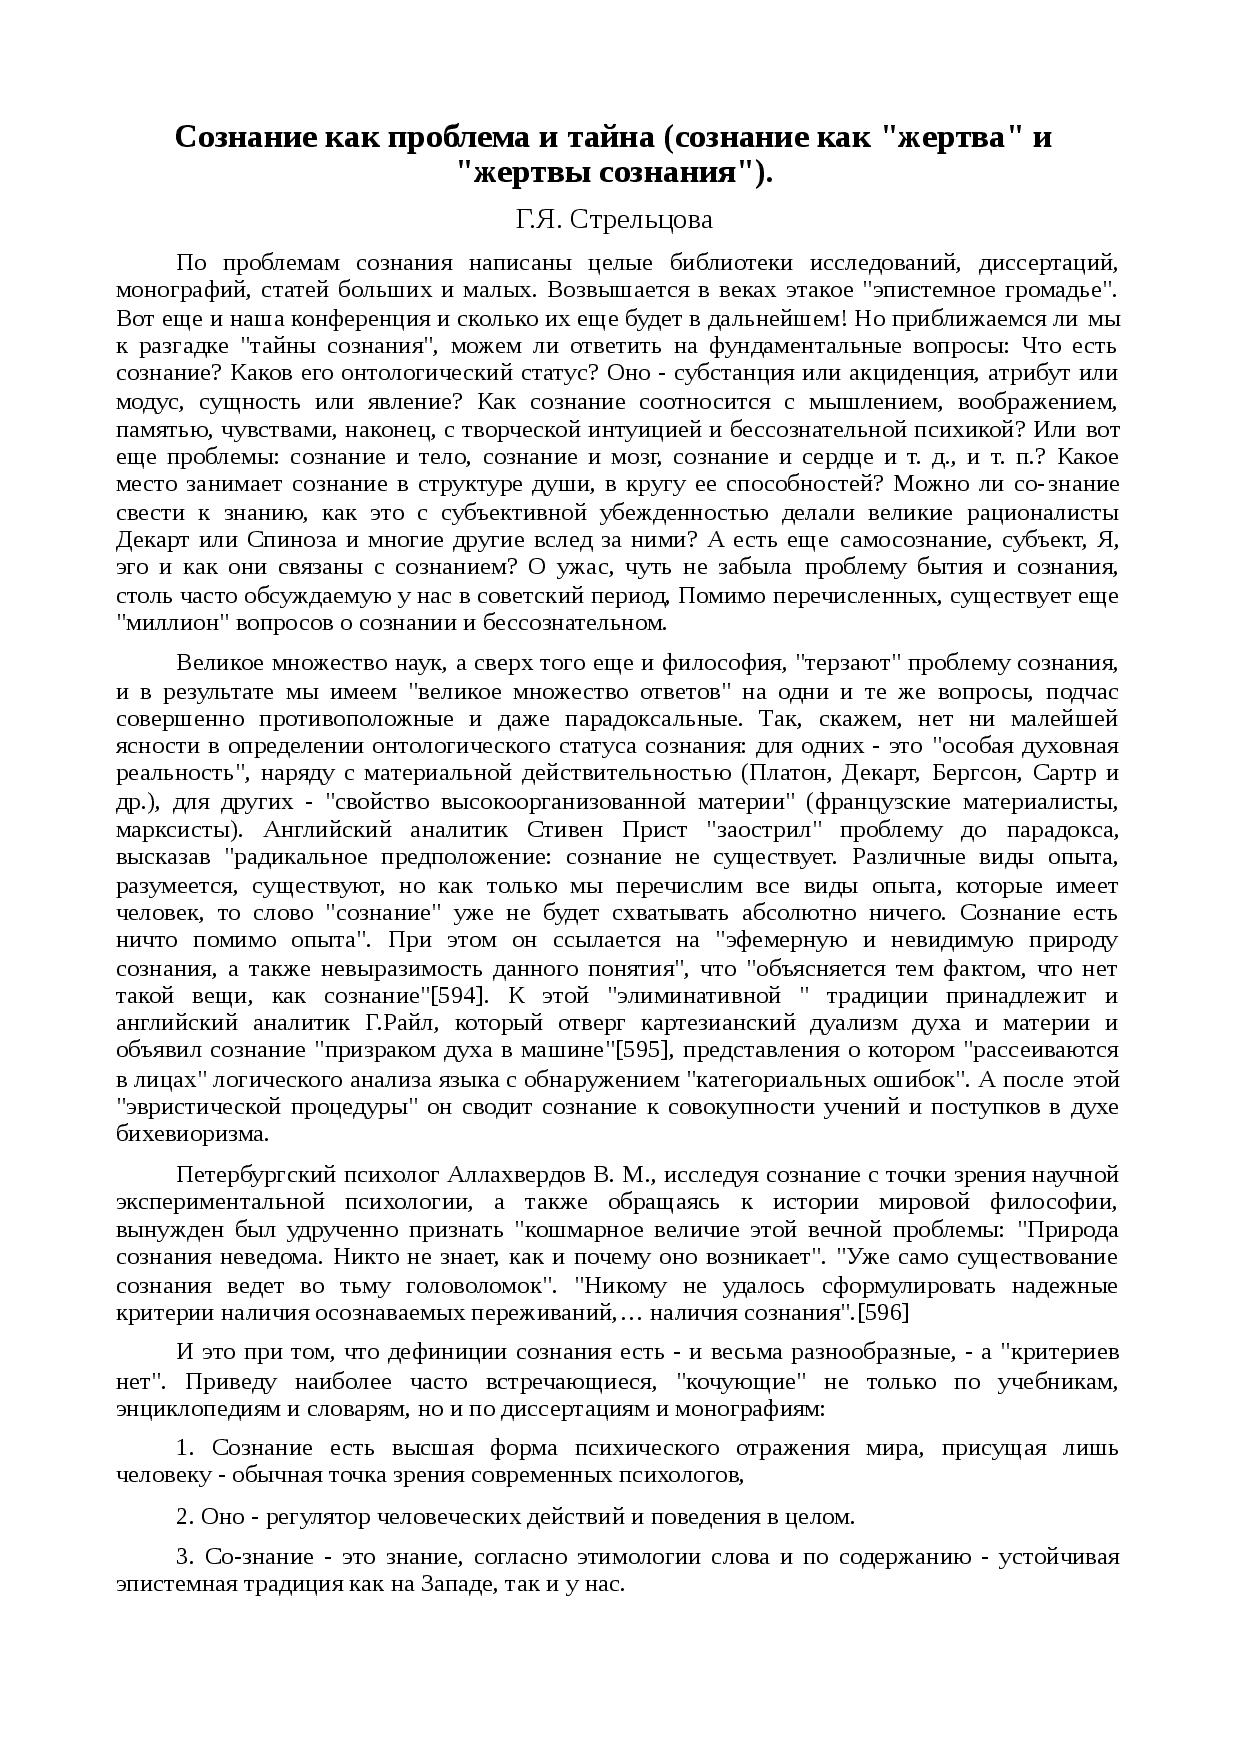 Философия рене декарта. — студопедия